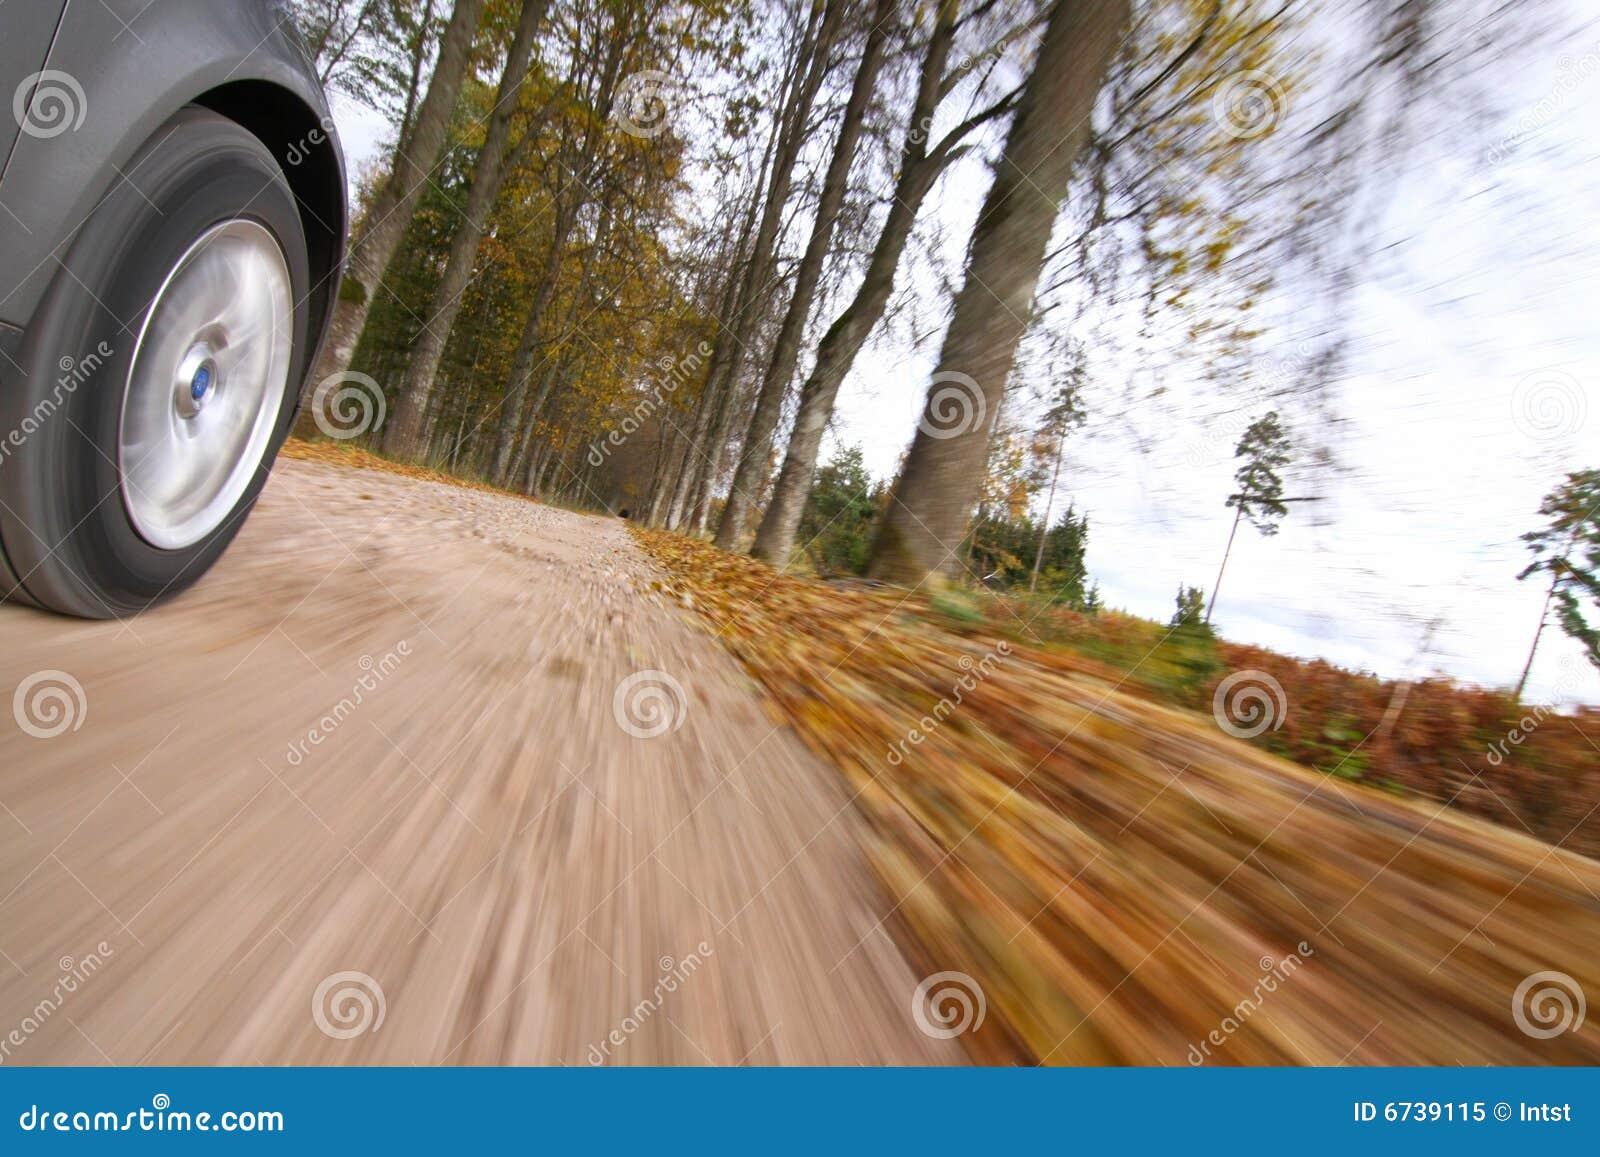 Autoantreiben auf Landstraße.